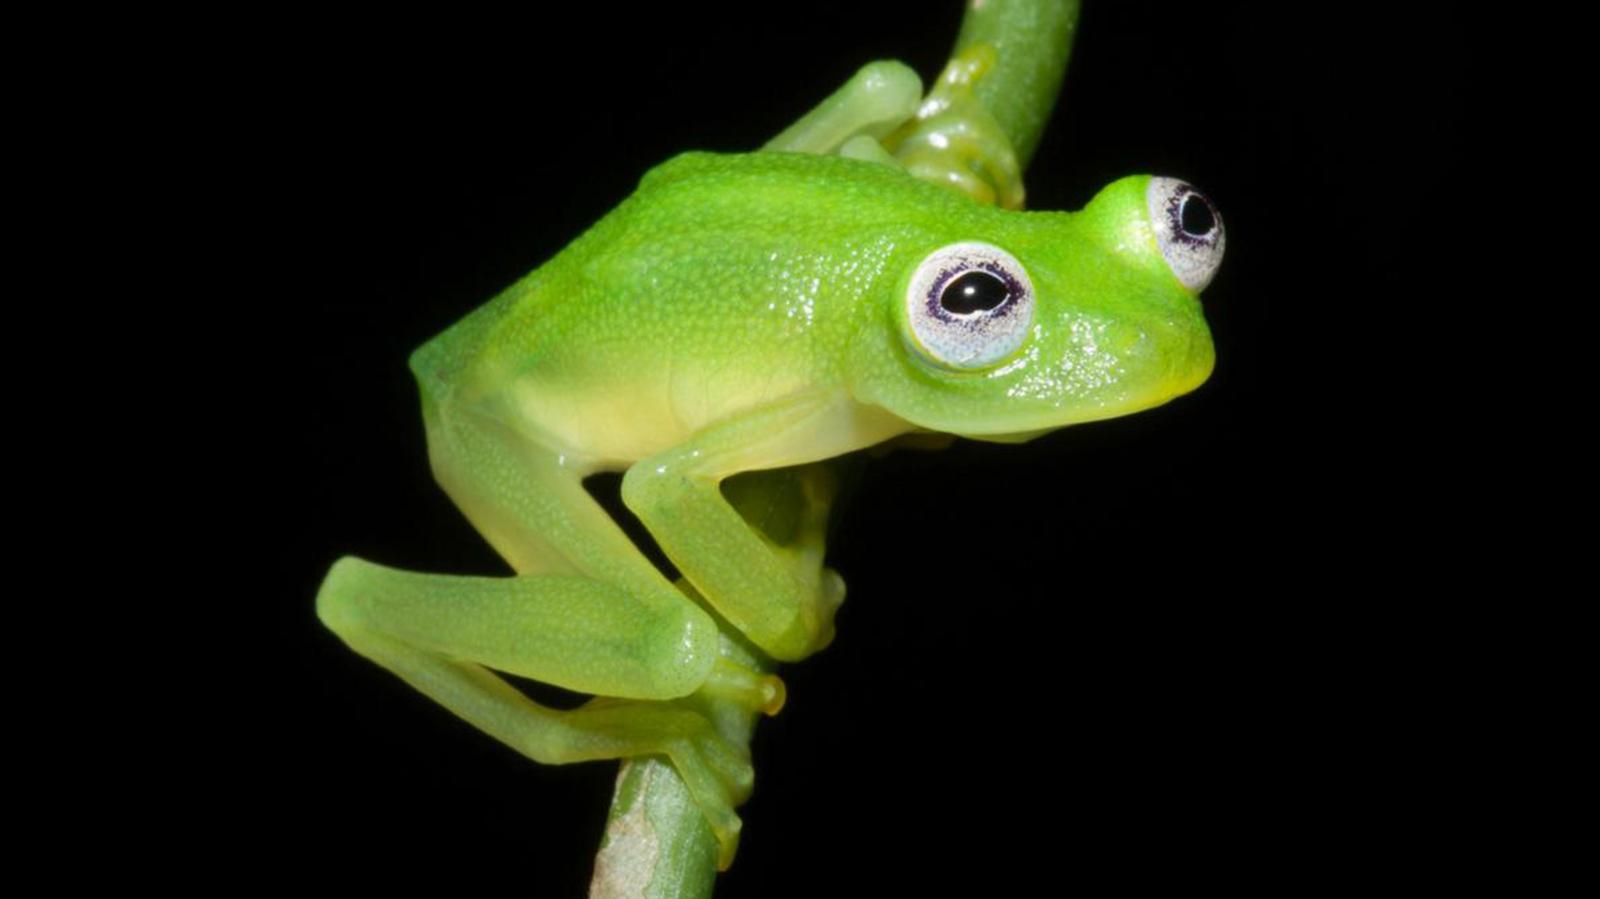 V Frog Kpm Review: Frog Fr...